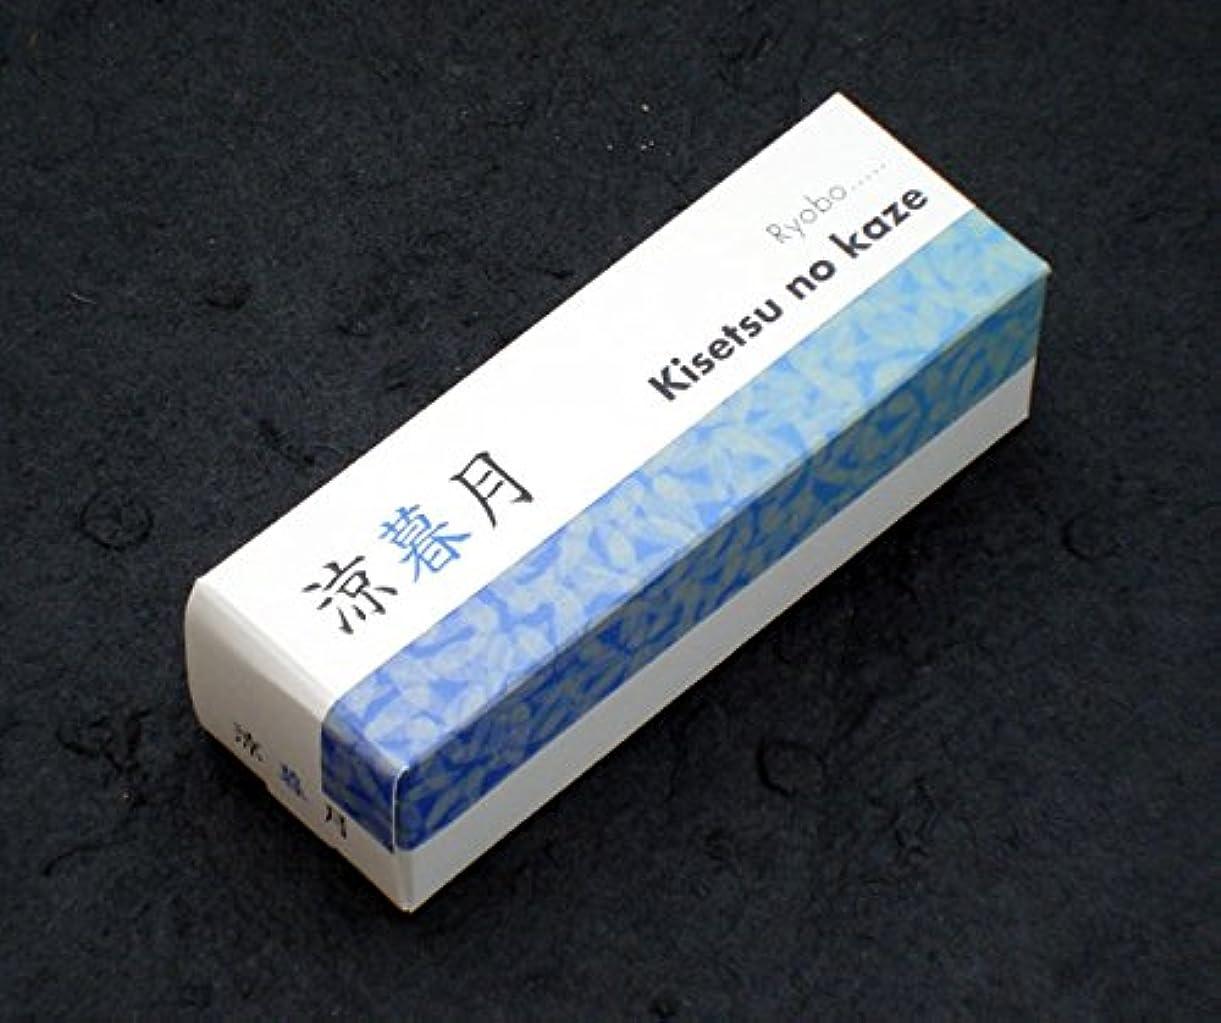 中央スカイ気難しい季節の風 涼暮月(りょうぼづき)【松栄堂】 【お香】